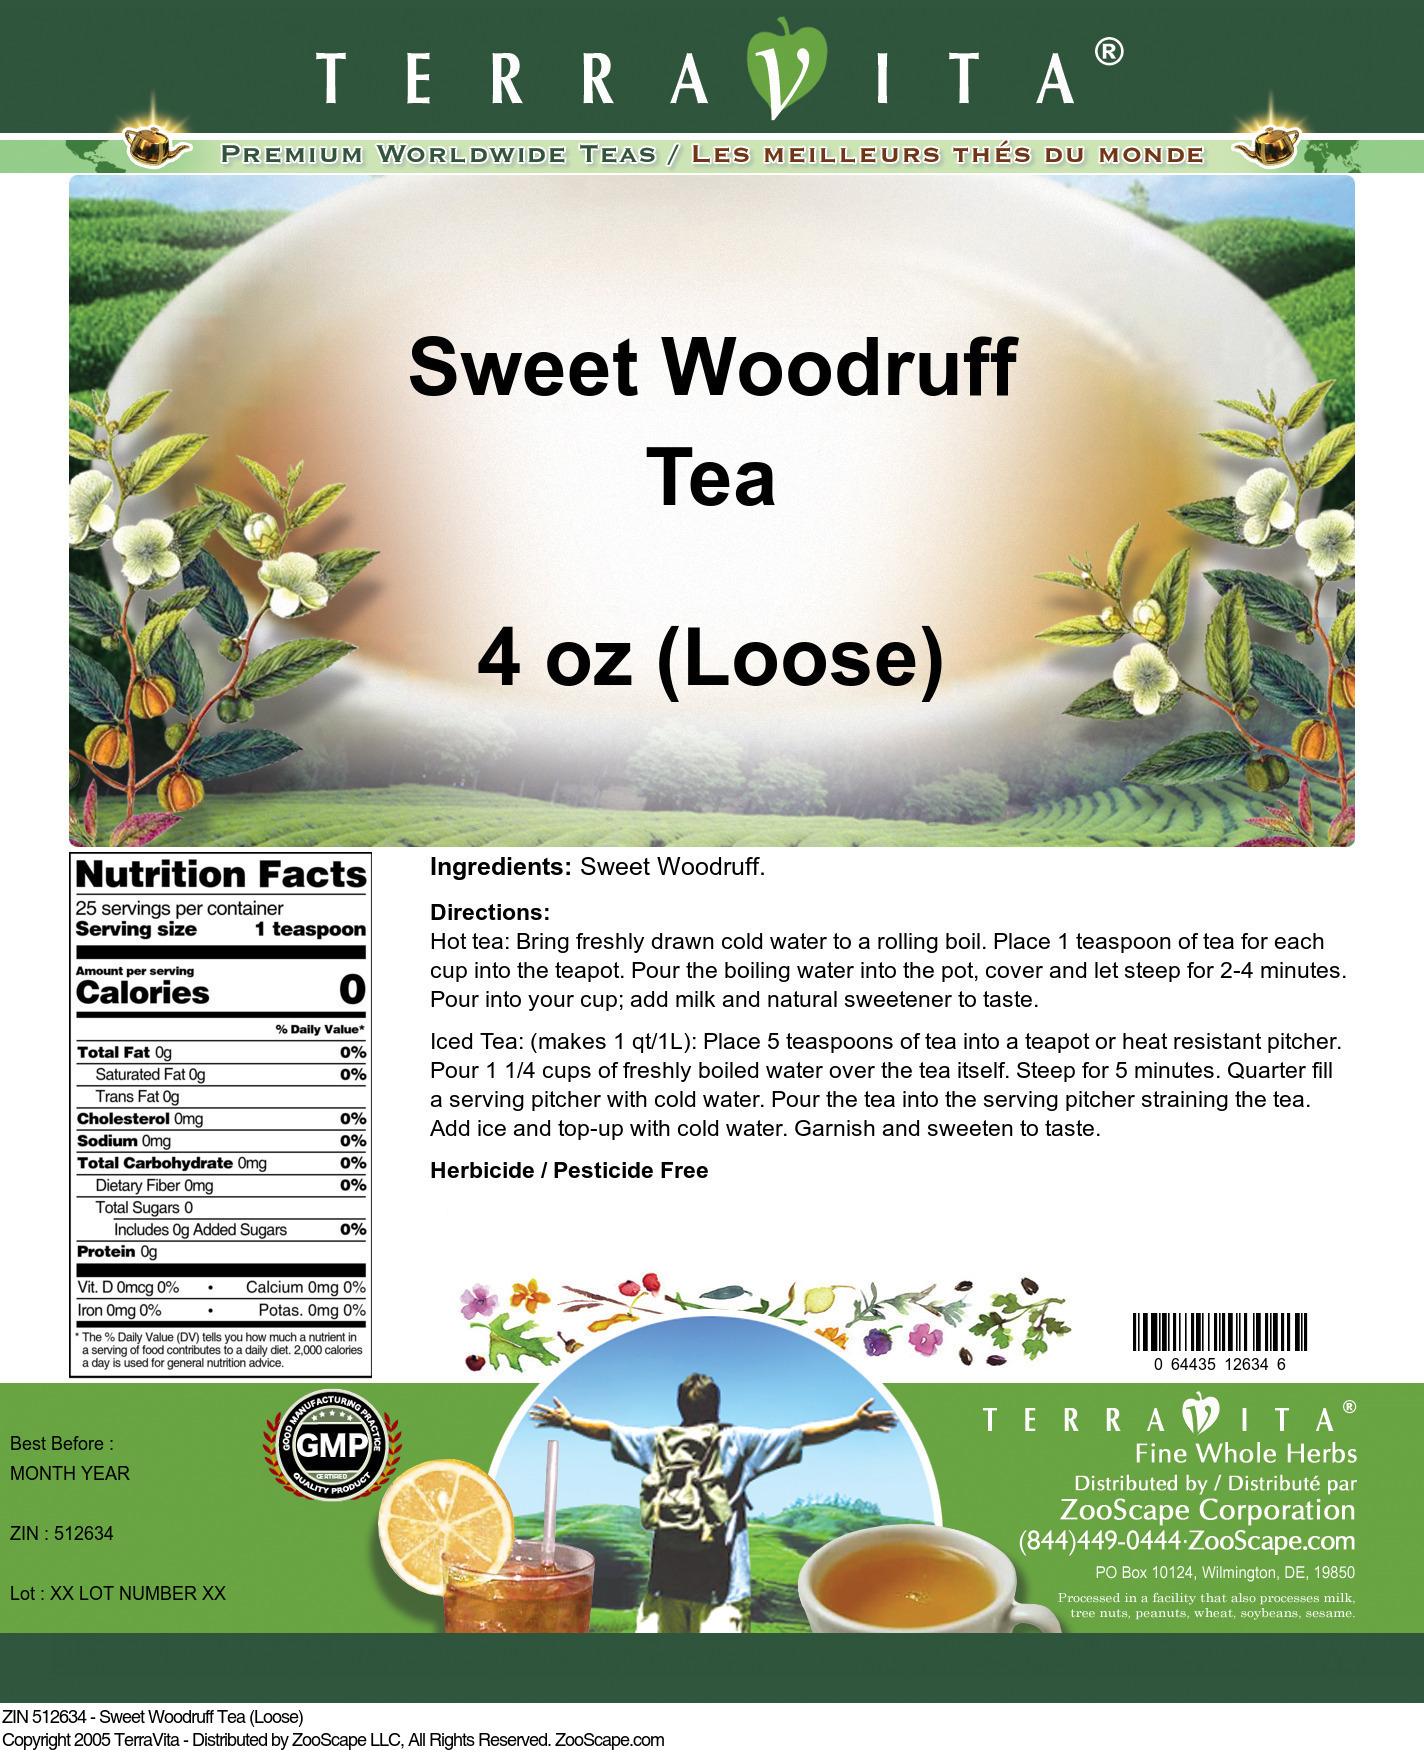 Sweet Woodruff Tea (Loose)